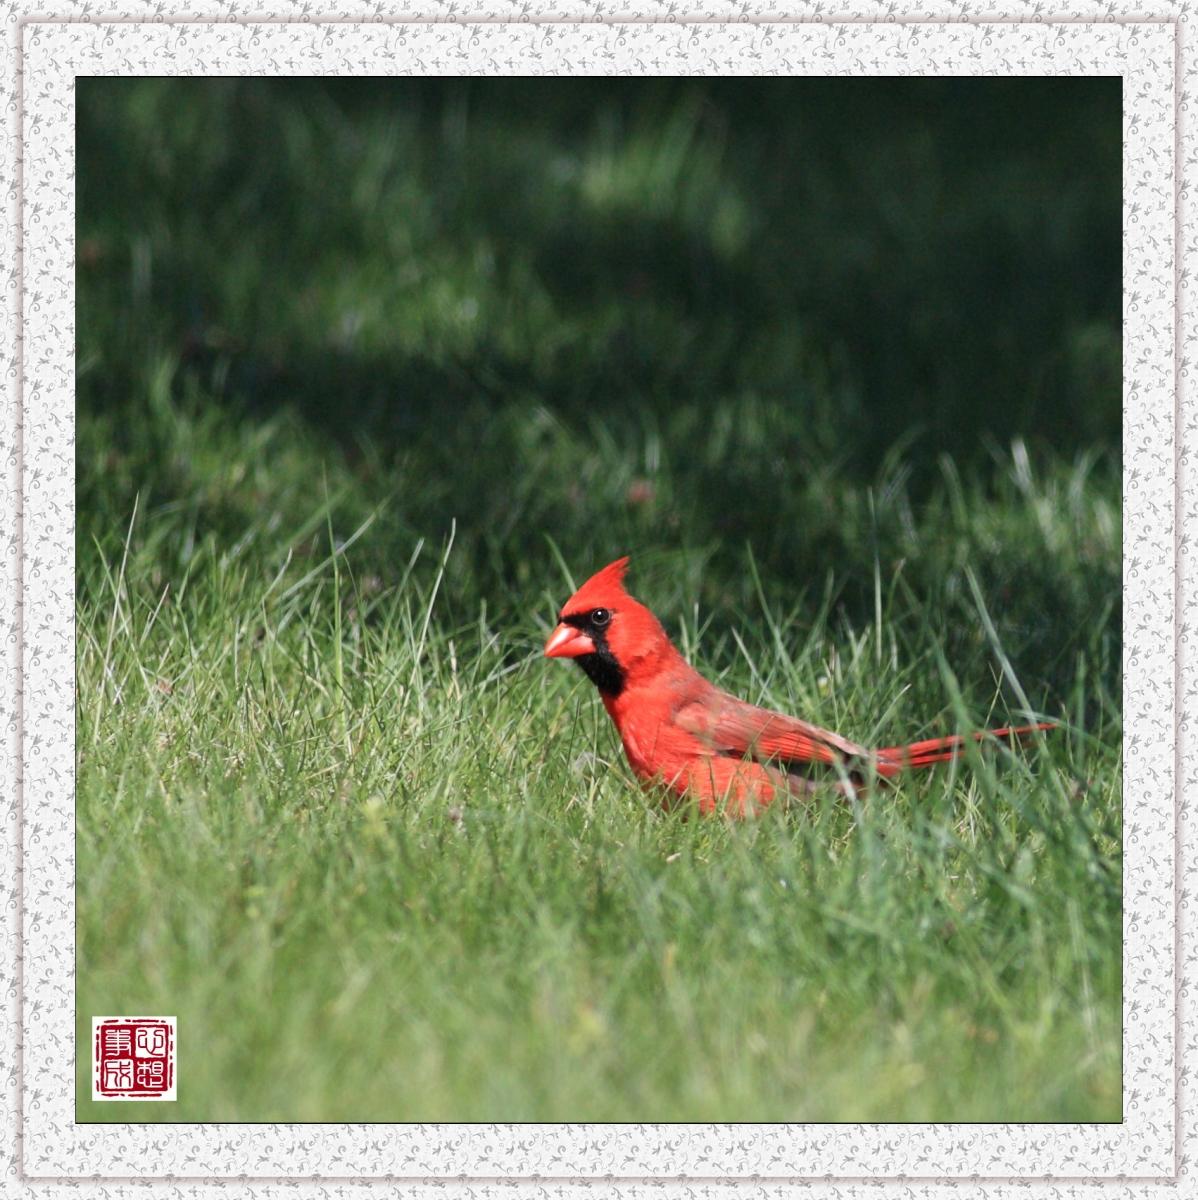 【心想事成】红衣教主鸟_图1-5